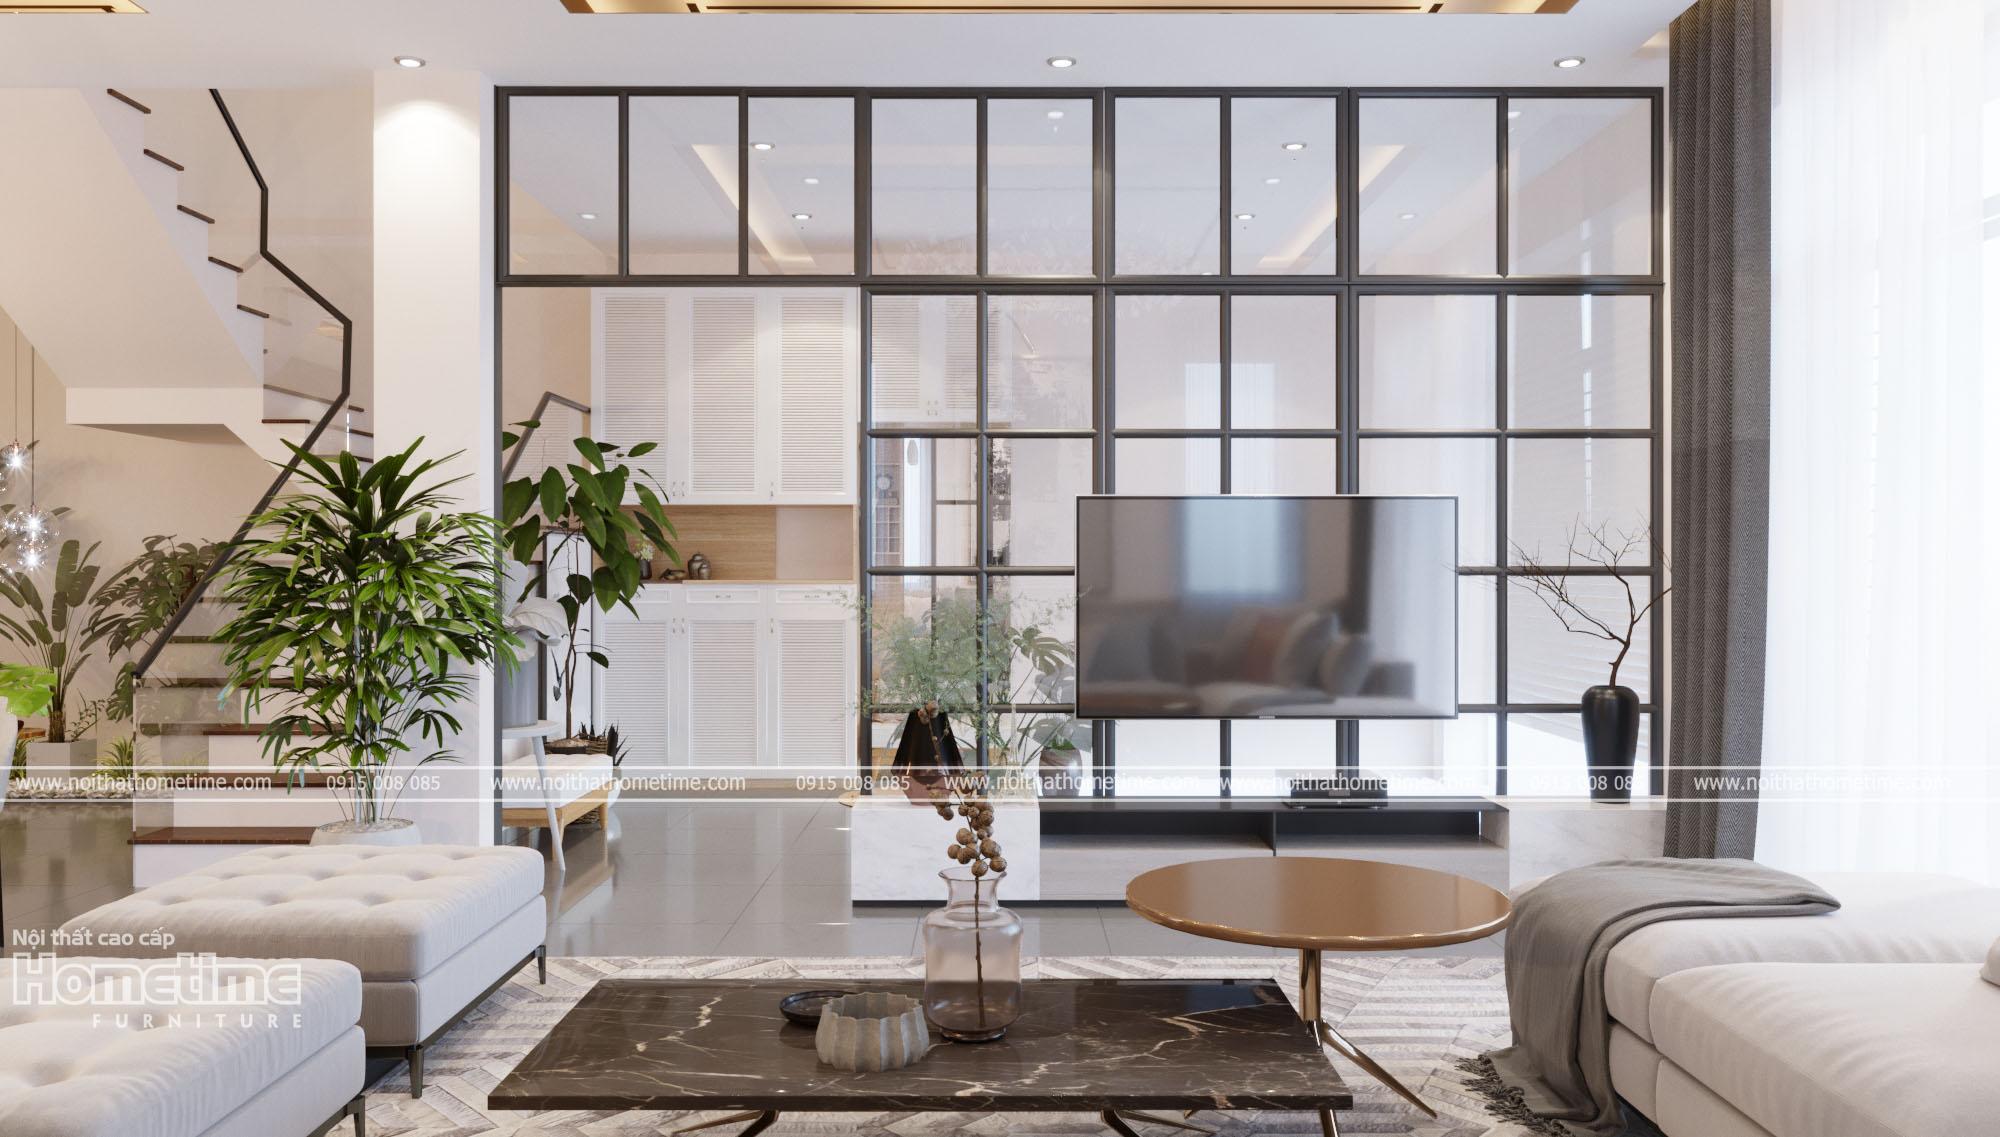 Thiết kế nội thất phòng khách - Vách trang trí, kệ tivi